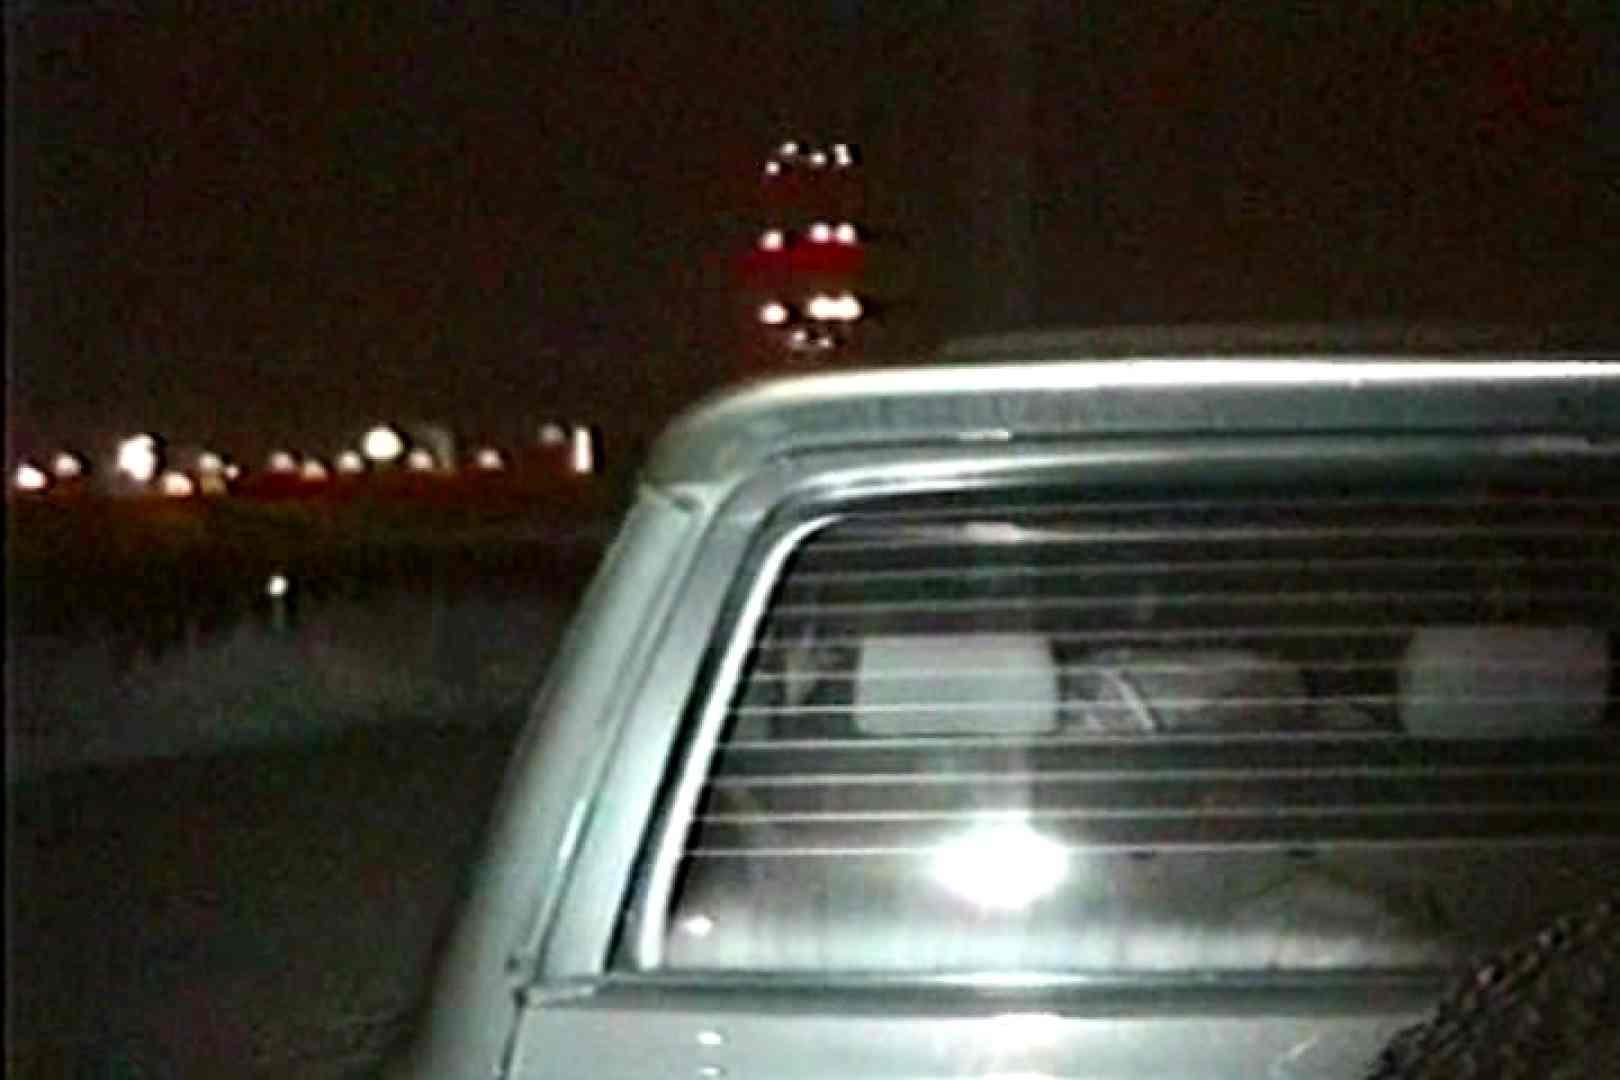 車の中はラブホテル 無修正版  Vol.8 カーセックス  107枚 51